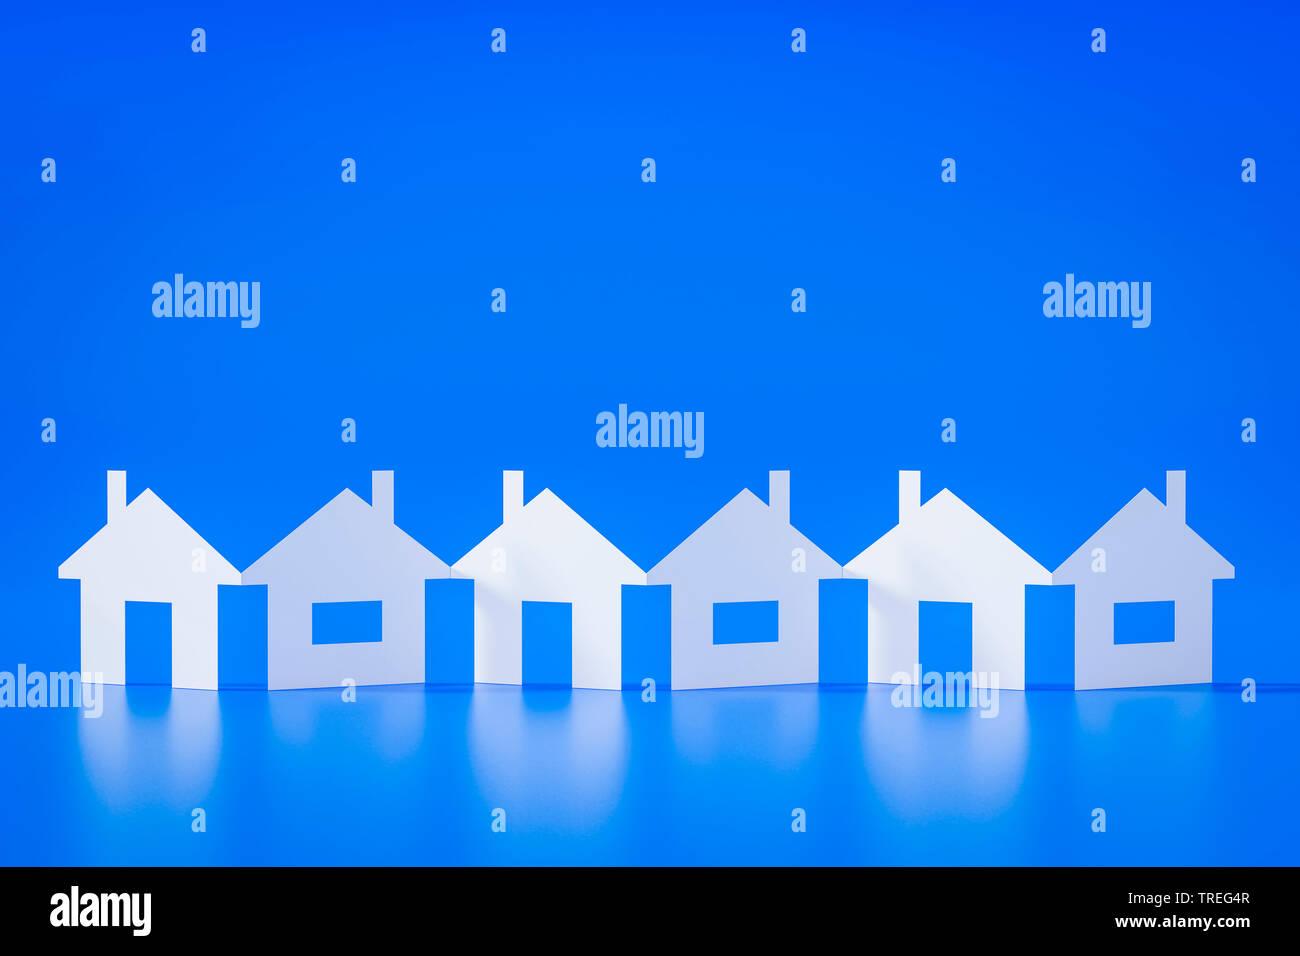 3D-Computergrafik, Scherenschnitt von weissen Haeusern vor blauem Hintergrund | 3D computer graphic, paper cutout row of white houses against blue bac - Stock Image